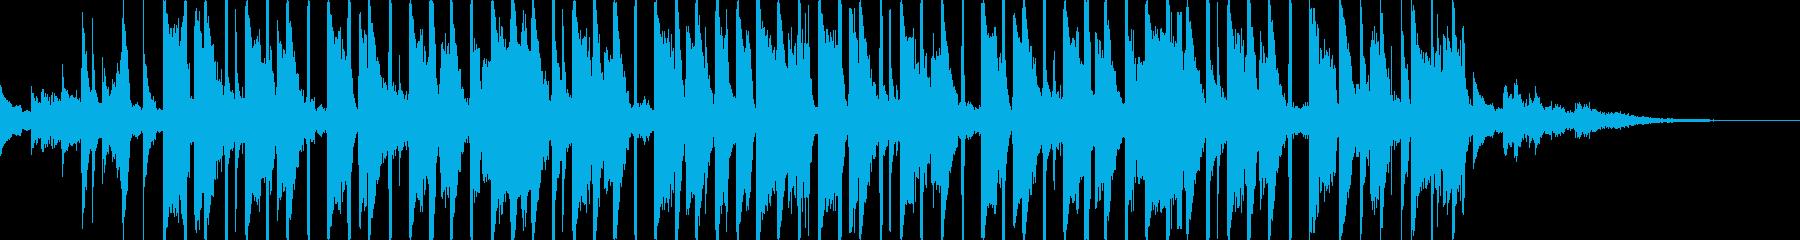 バラエティ番組に最適なほのぼの系明るい曲の再生済みの波形